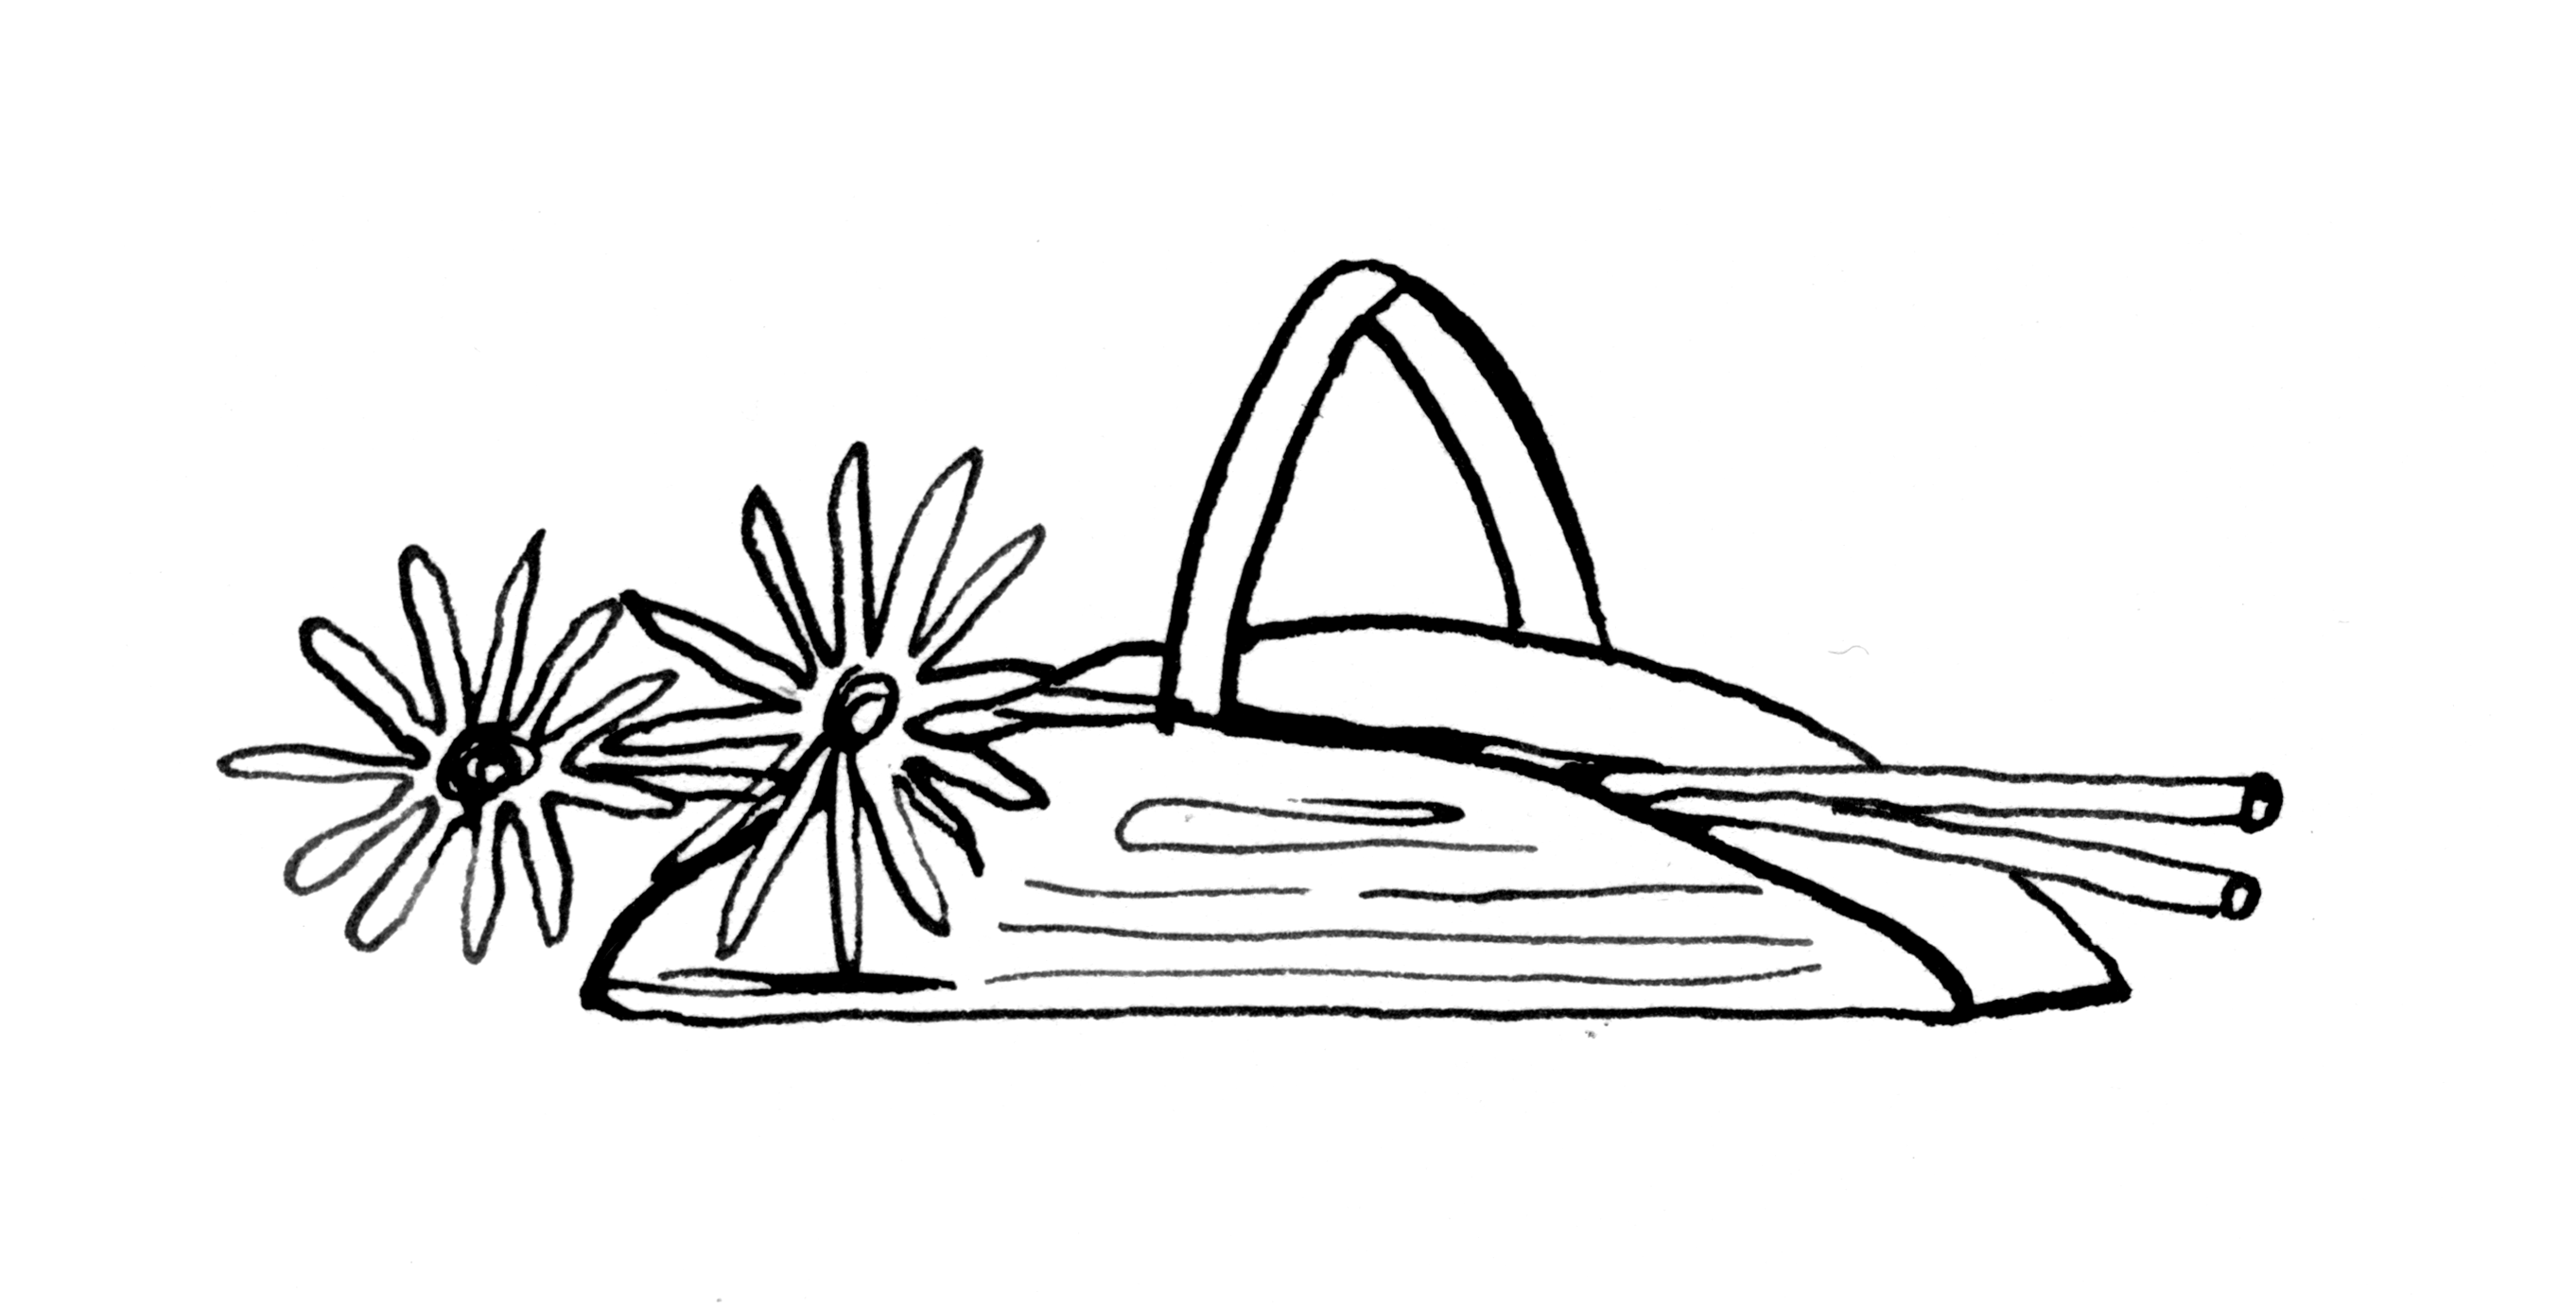 Illustration of a basket of flowers